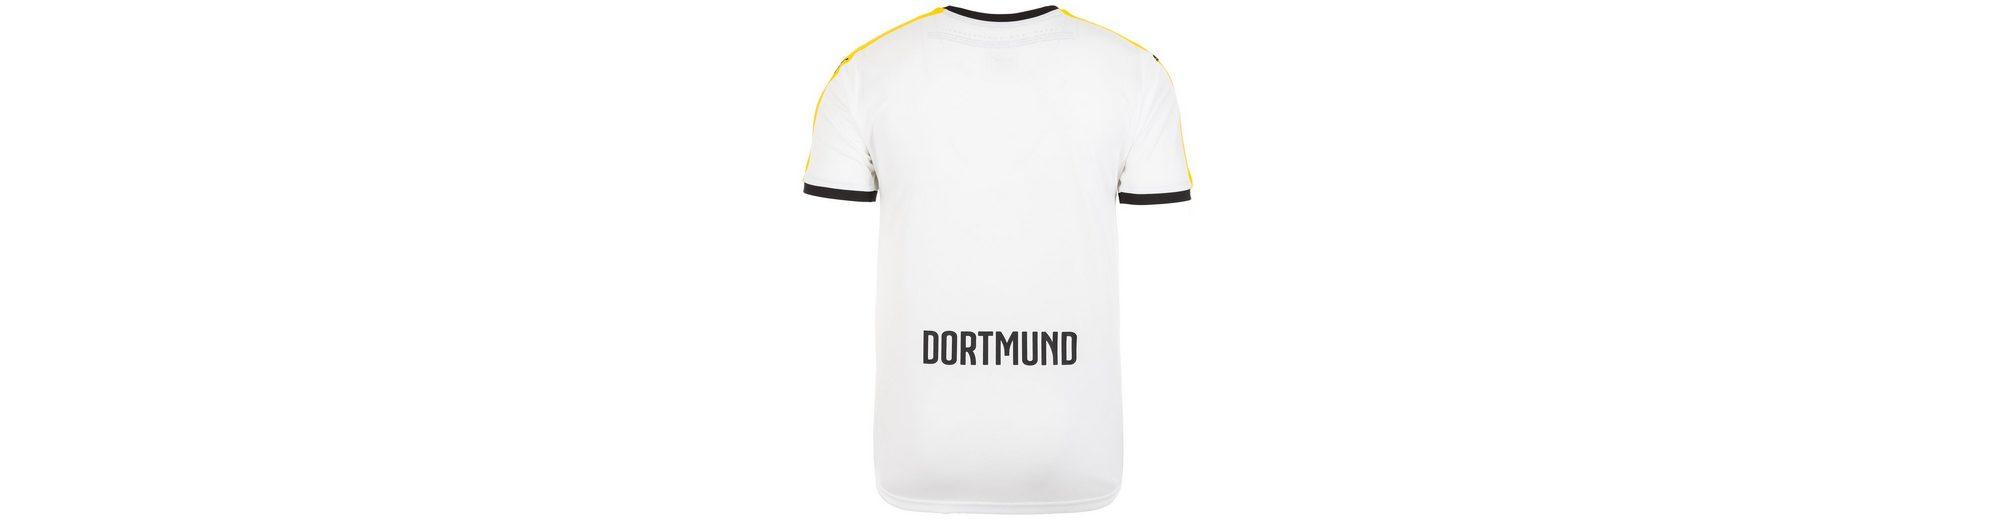 PUMA Borussia Dortmund Trikot 3rd 2015/2017 Herren Einkaufen Outlet Online Billige Bilder BIfeN